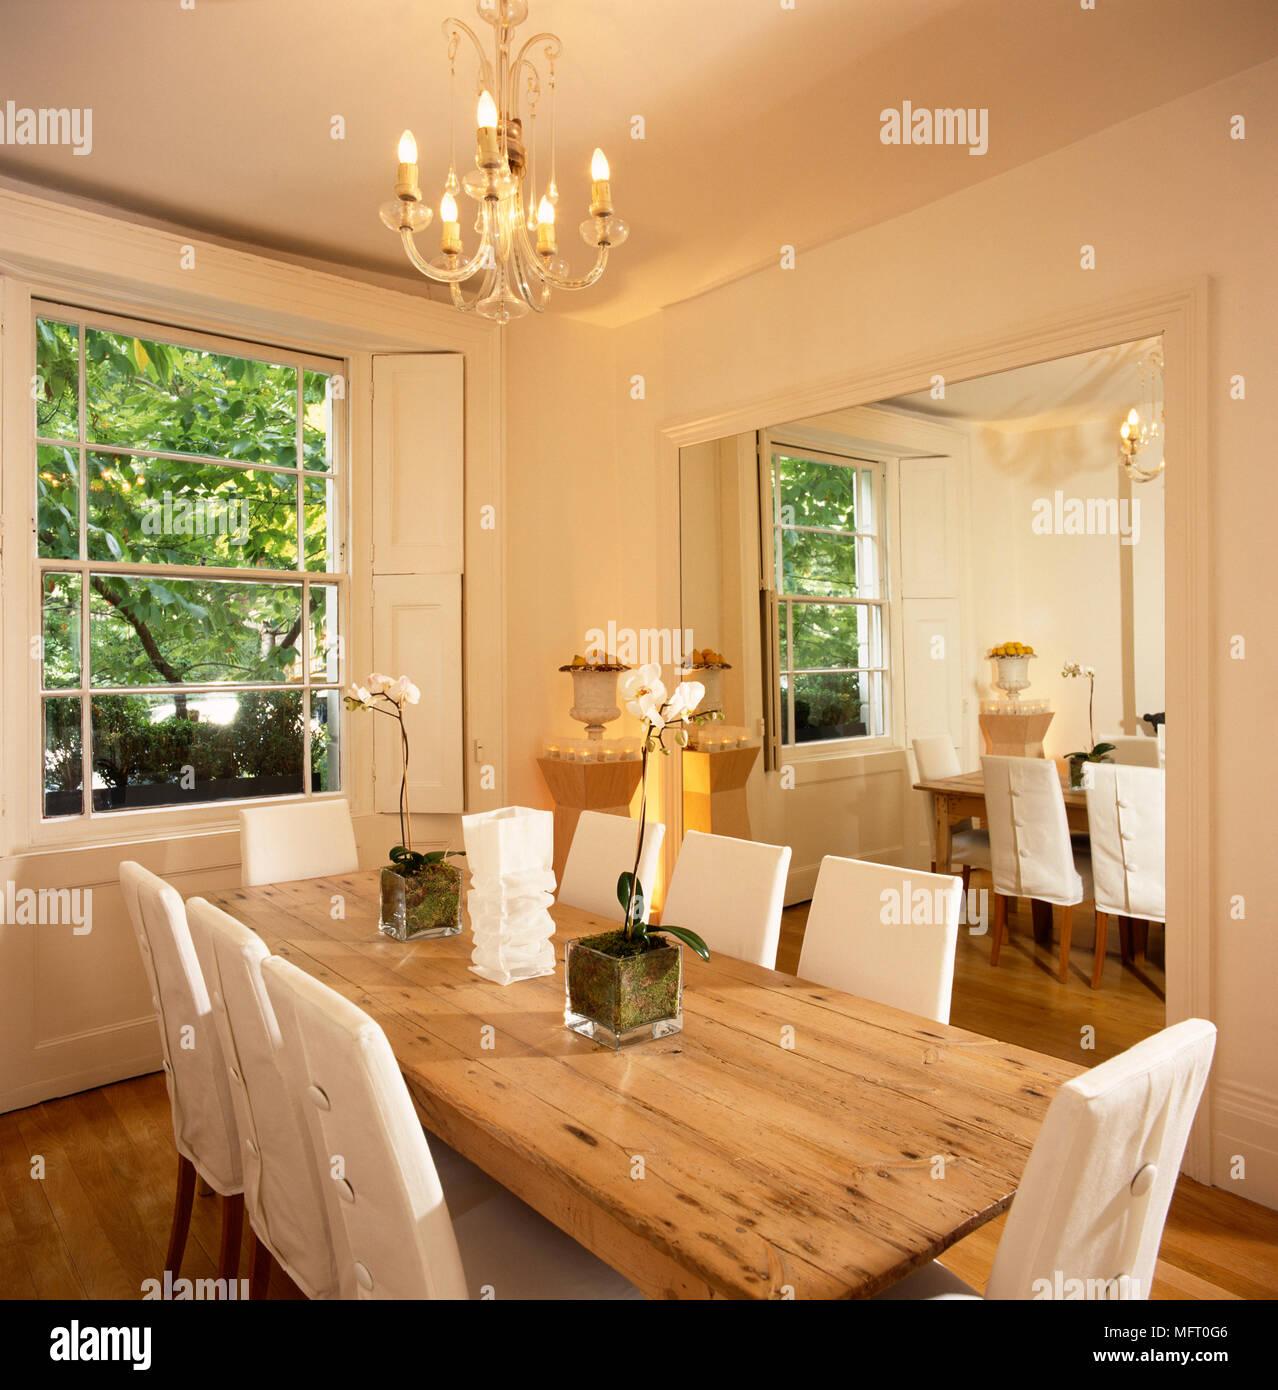 Einfaches Elegantes Esszimmer Weisse Wande Lange Kiefer Tisch